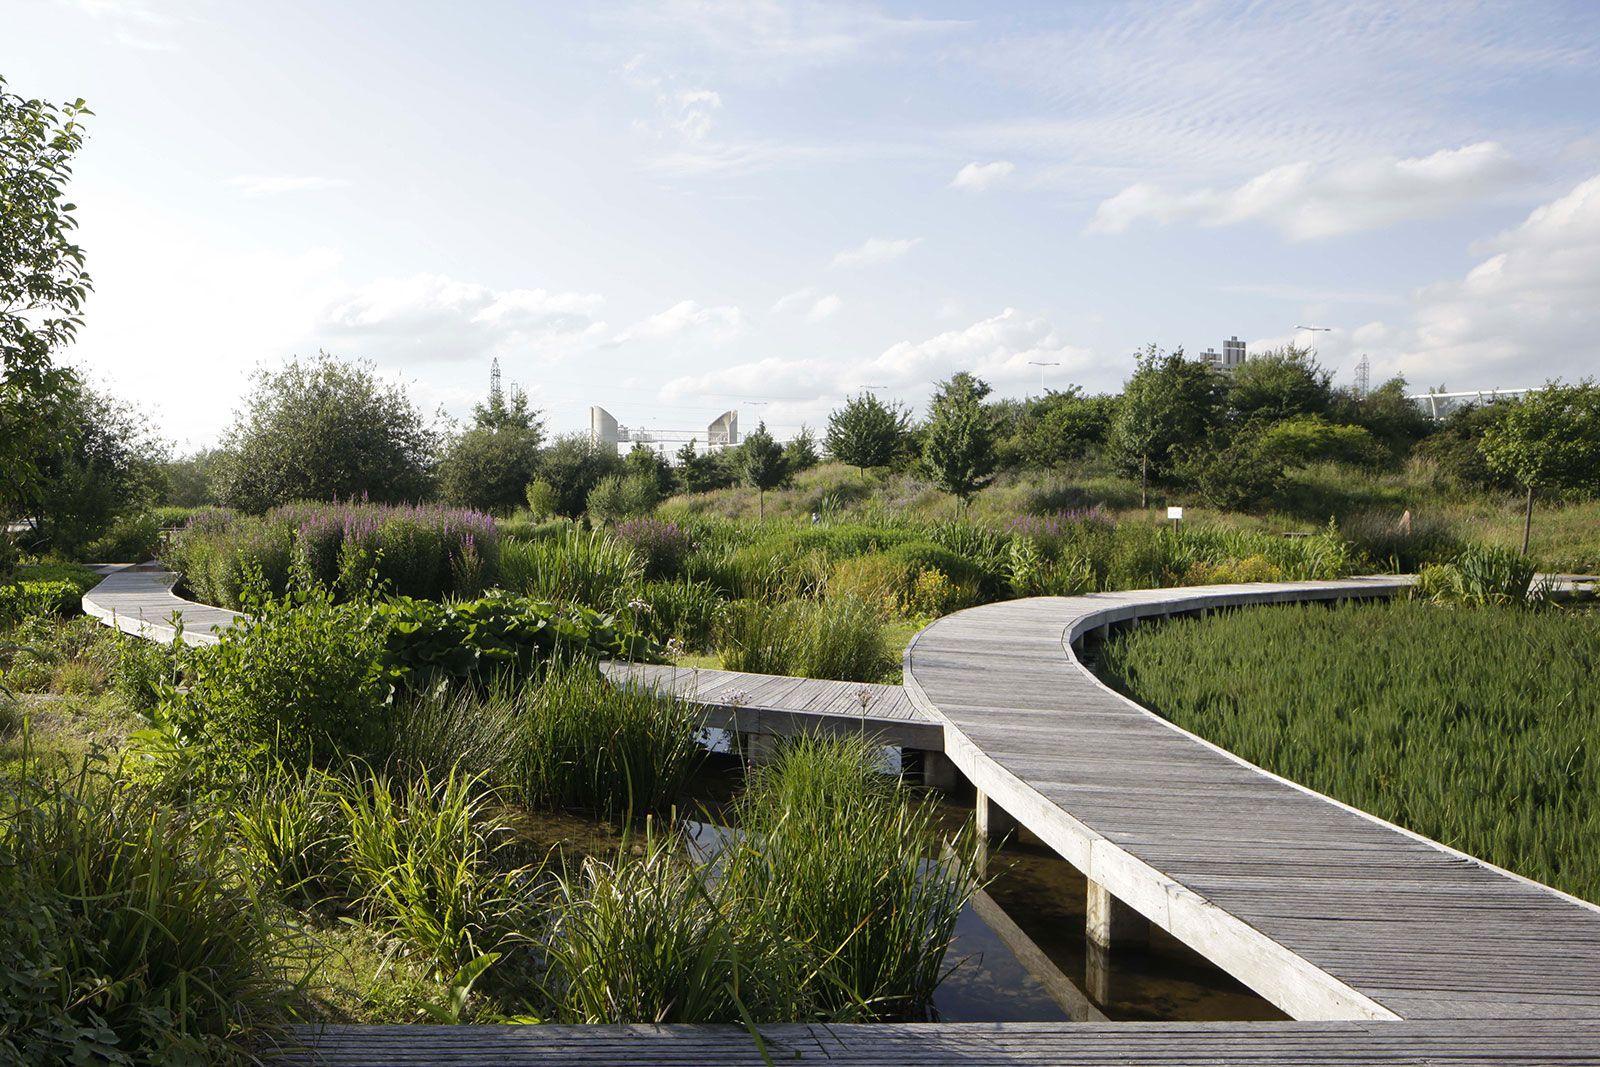 Mutabilis paysage et guillaume geoffroy dechaume parc du for Architecture du paysage